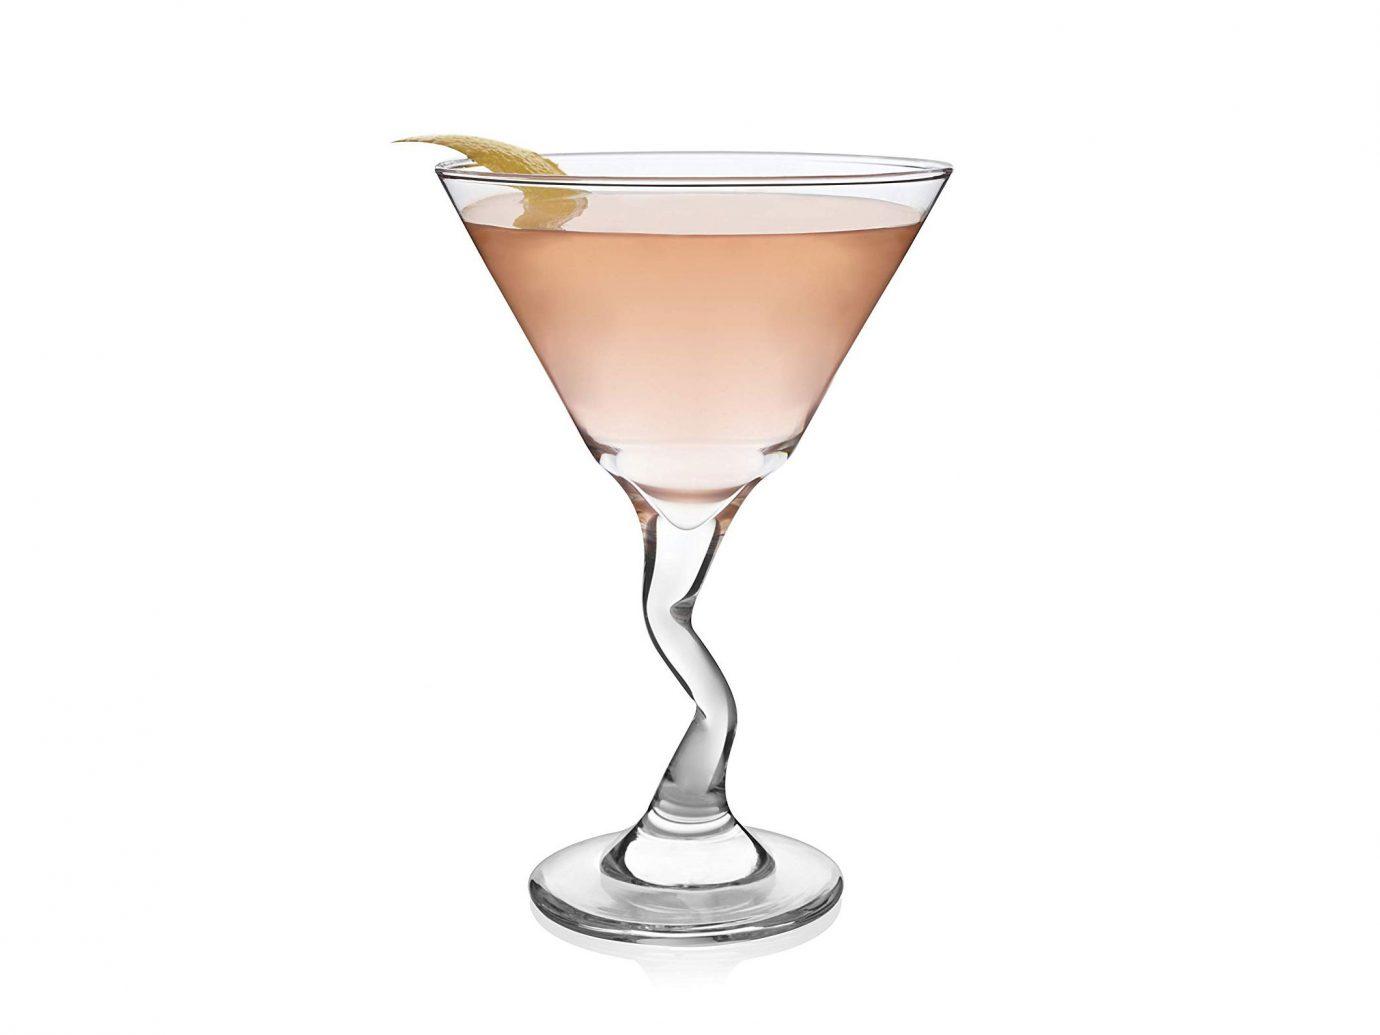 Libbey Z-Stem Martini Glasses, Set of 4